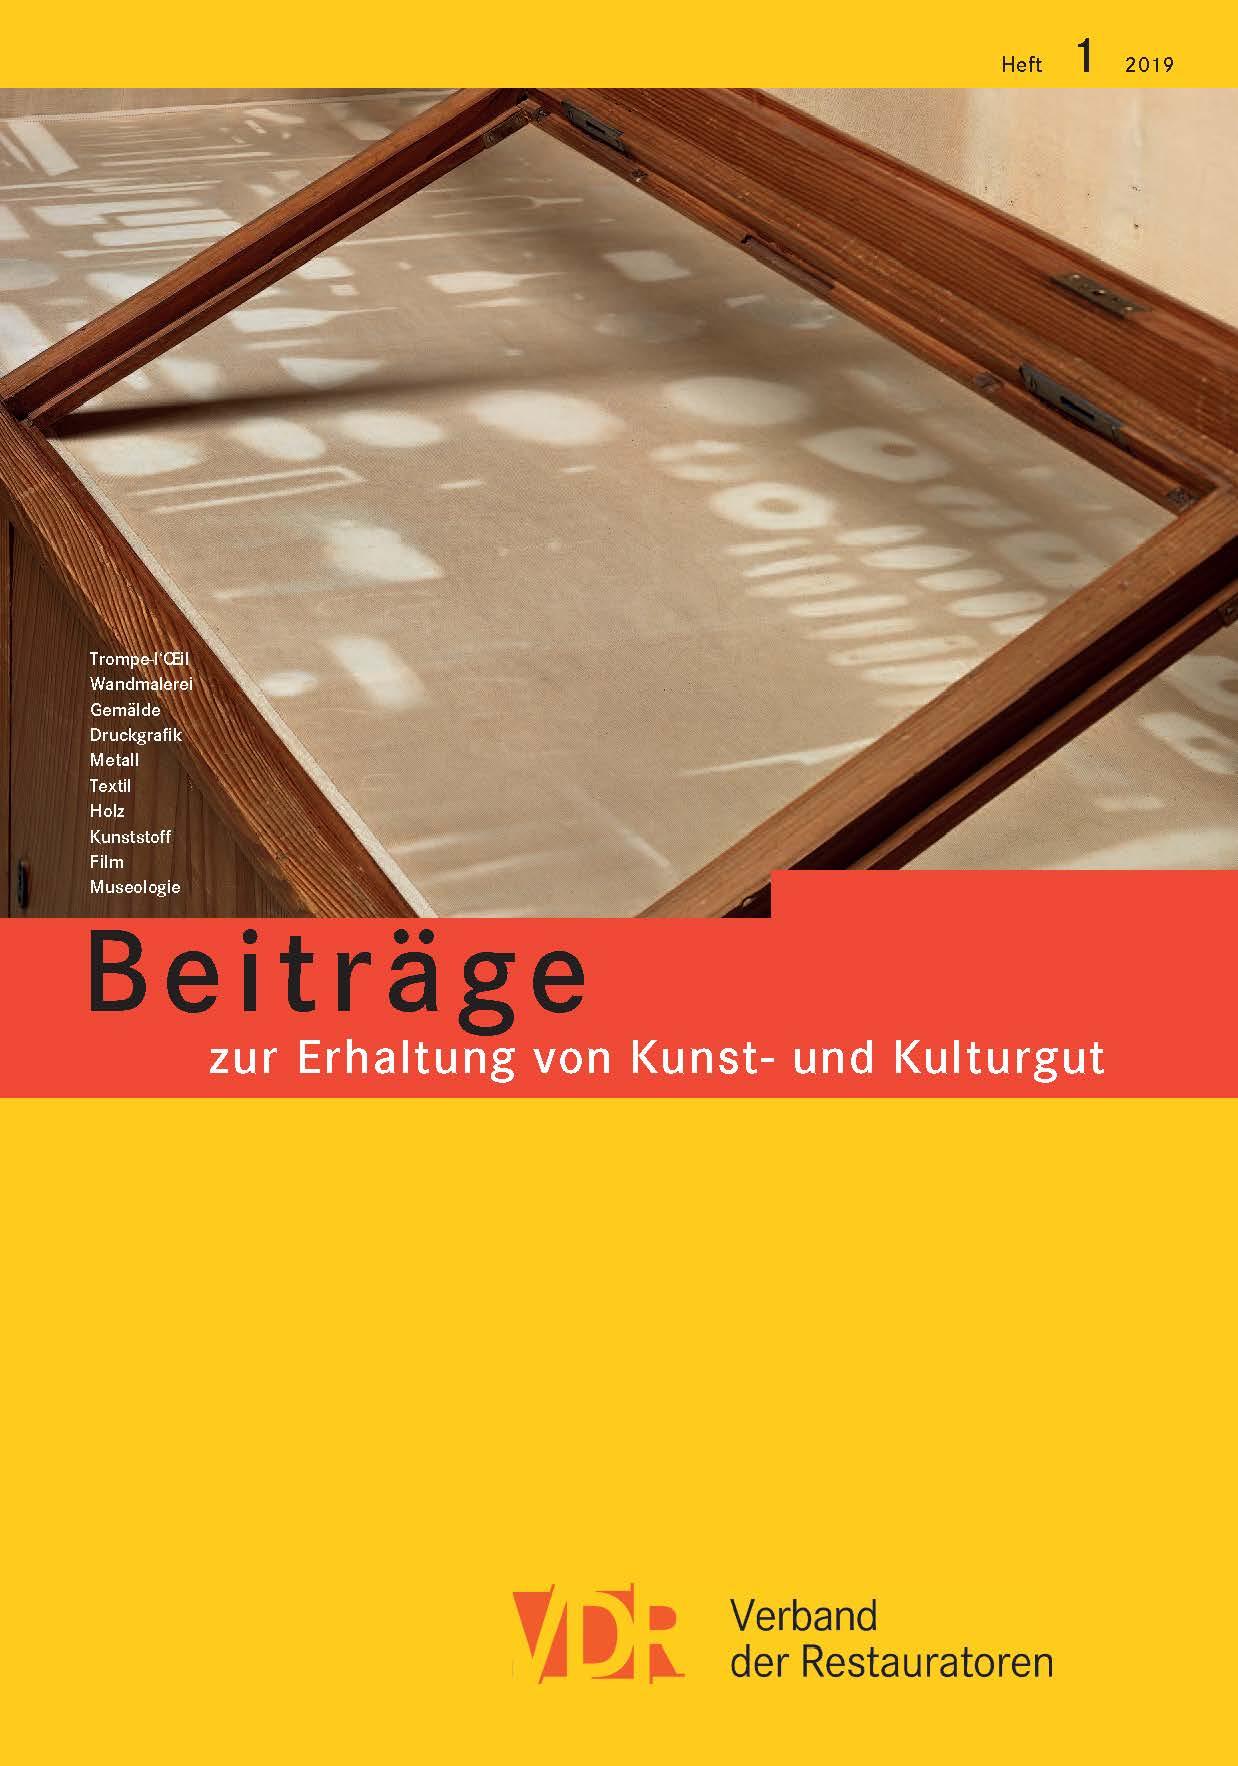 VDR Zeitschrift_Heft 01-19_Cover